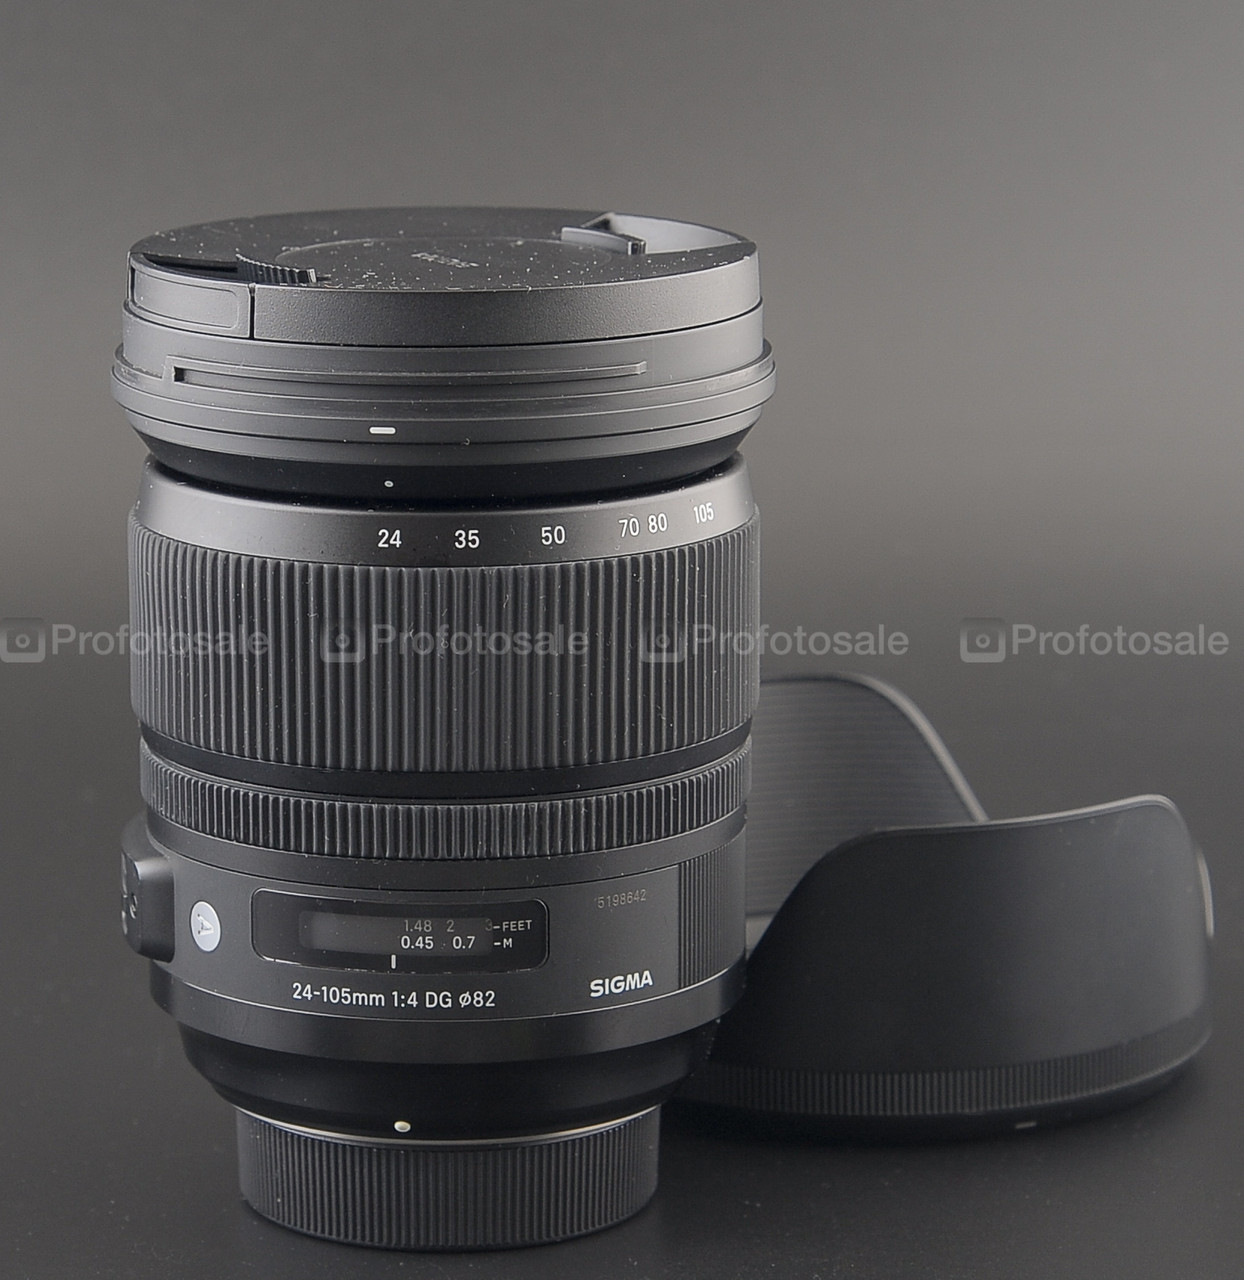 Sigma 24-105mm f/4 ART (Nikon)